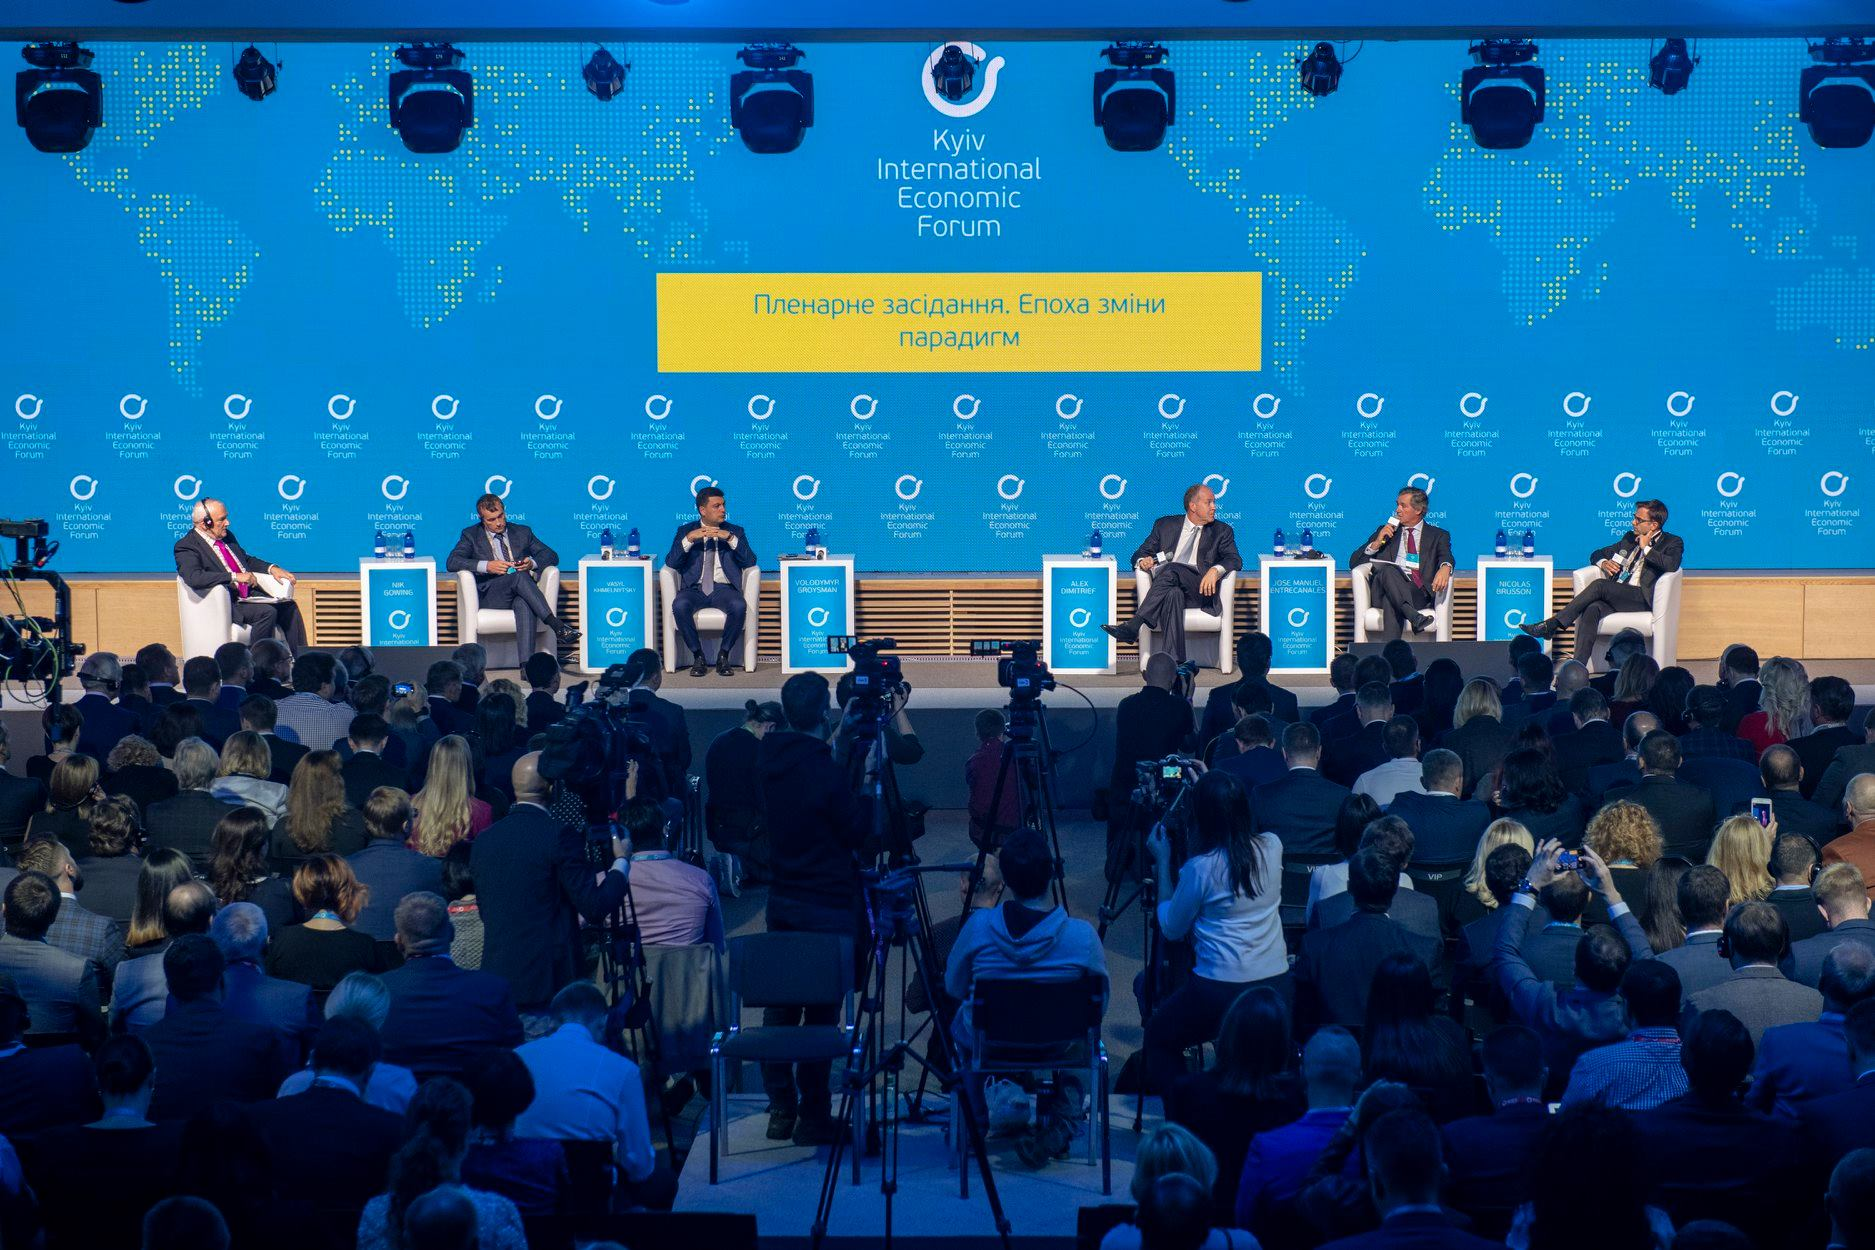 На Київському міжнародному економічному форумі, провідній міжнародній платформі, аналізують і обговорюють перспективи розвитку української та глобальної економіки, бізнесу, підприємництва, а також визначають їх вплив на політику та суспільство. Цьогоріч у Форумі, що відбудеться в КВЦ «Парковий», візьмуть участь понад 100 спікерів з понад 30 країн світу, а також майже 2000 учасників, серед яких бізнесмени, політики, експерти, науковці та підприємці. Серед найцікавіших тем — екосистема розвитку інновацій, освіта 4.0: як готувати людей до завтрашнього дня, а також ресурси, технології, процеси у цифровій трансформації.